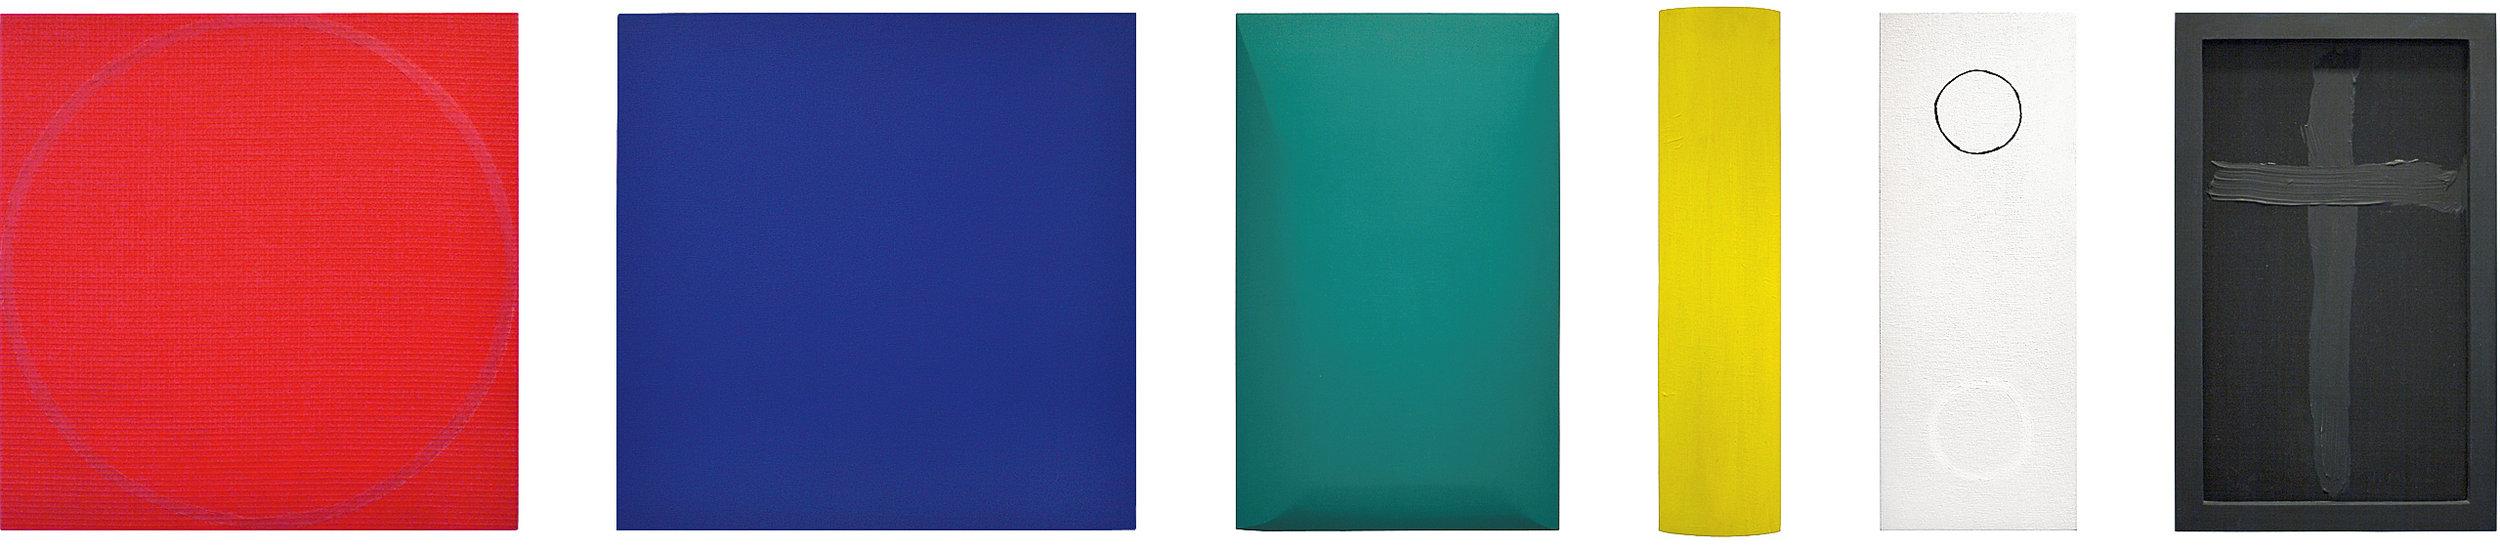 akril, les, 50 x ... cm, 2001